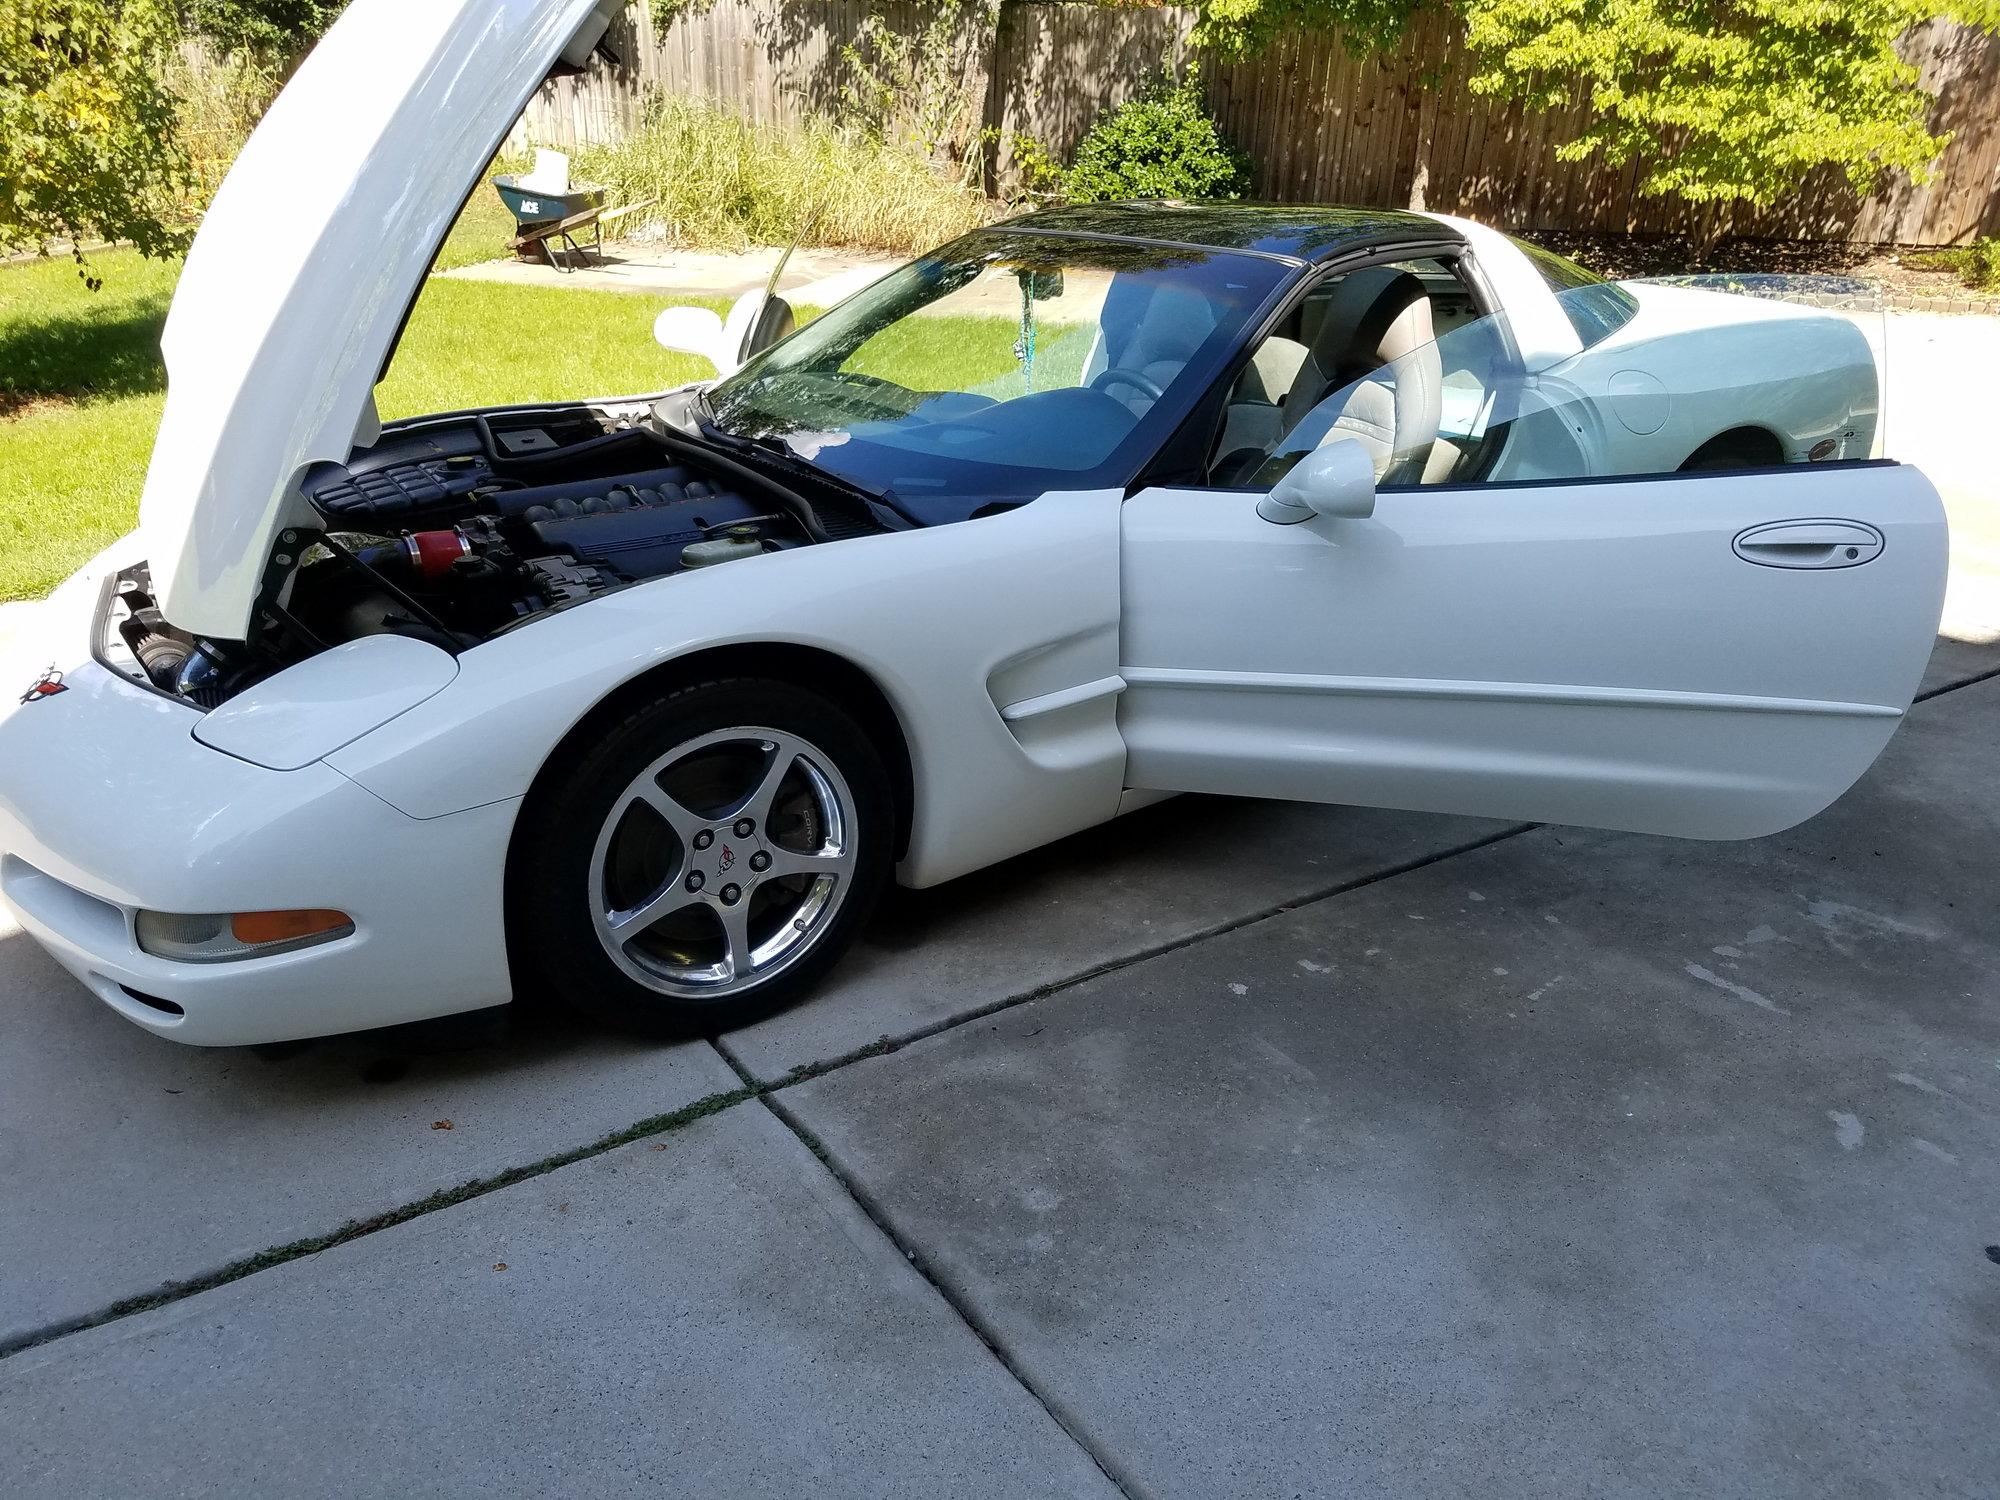 Fs  For Sale  2004 White Corvette Coupe - Corvetteforum